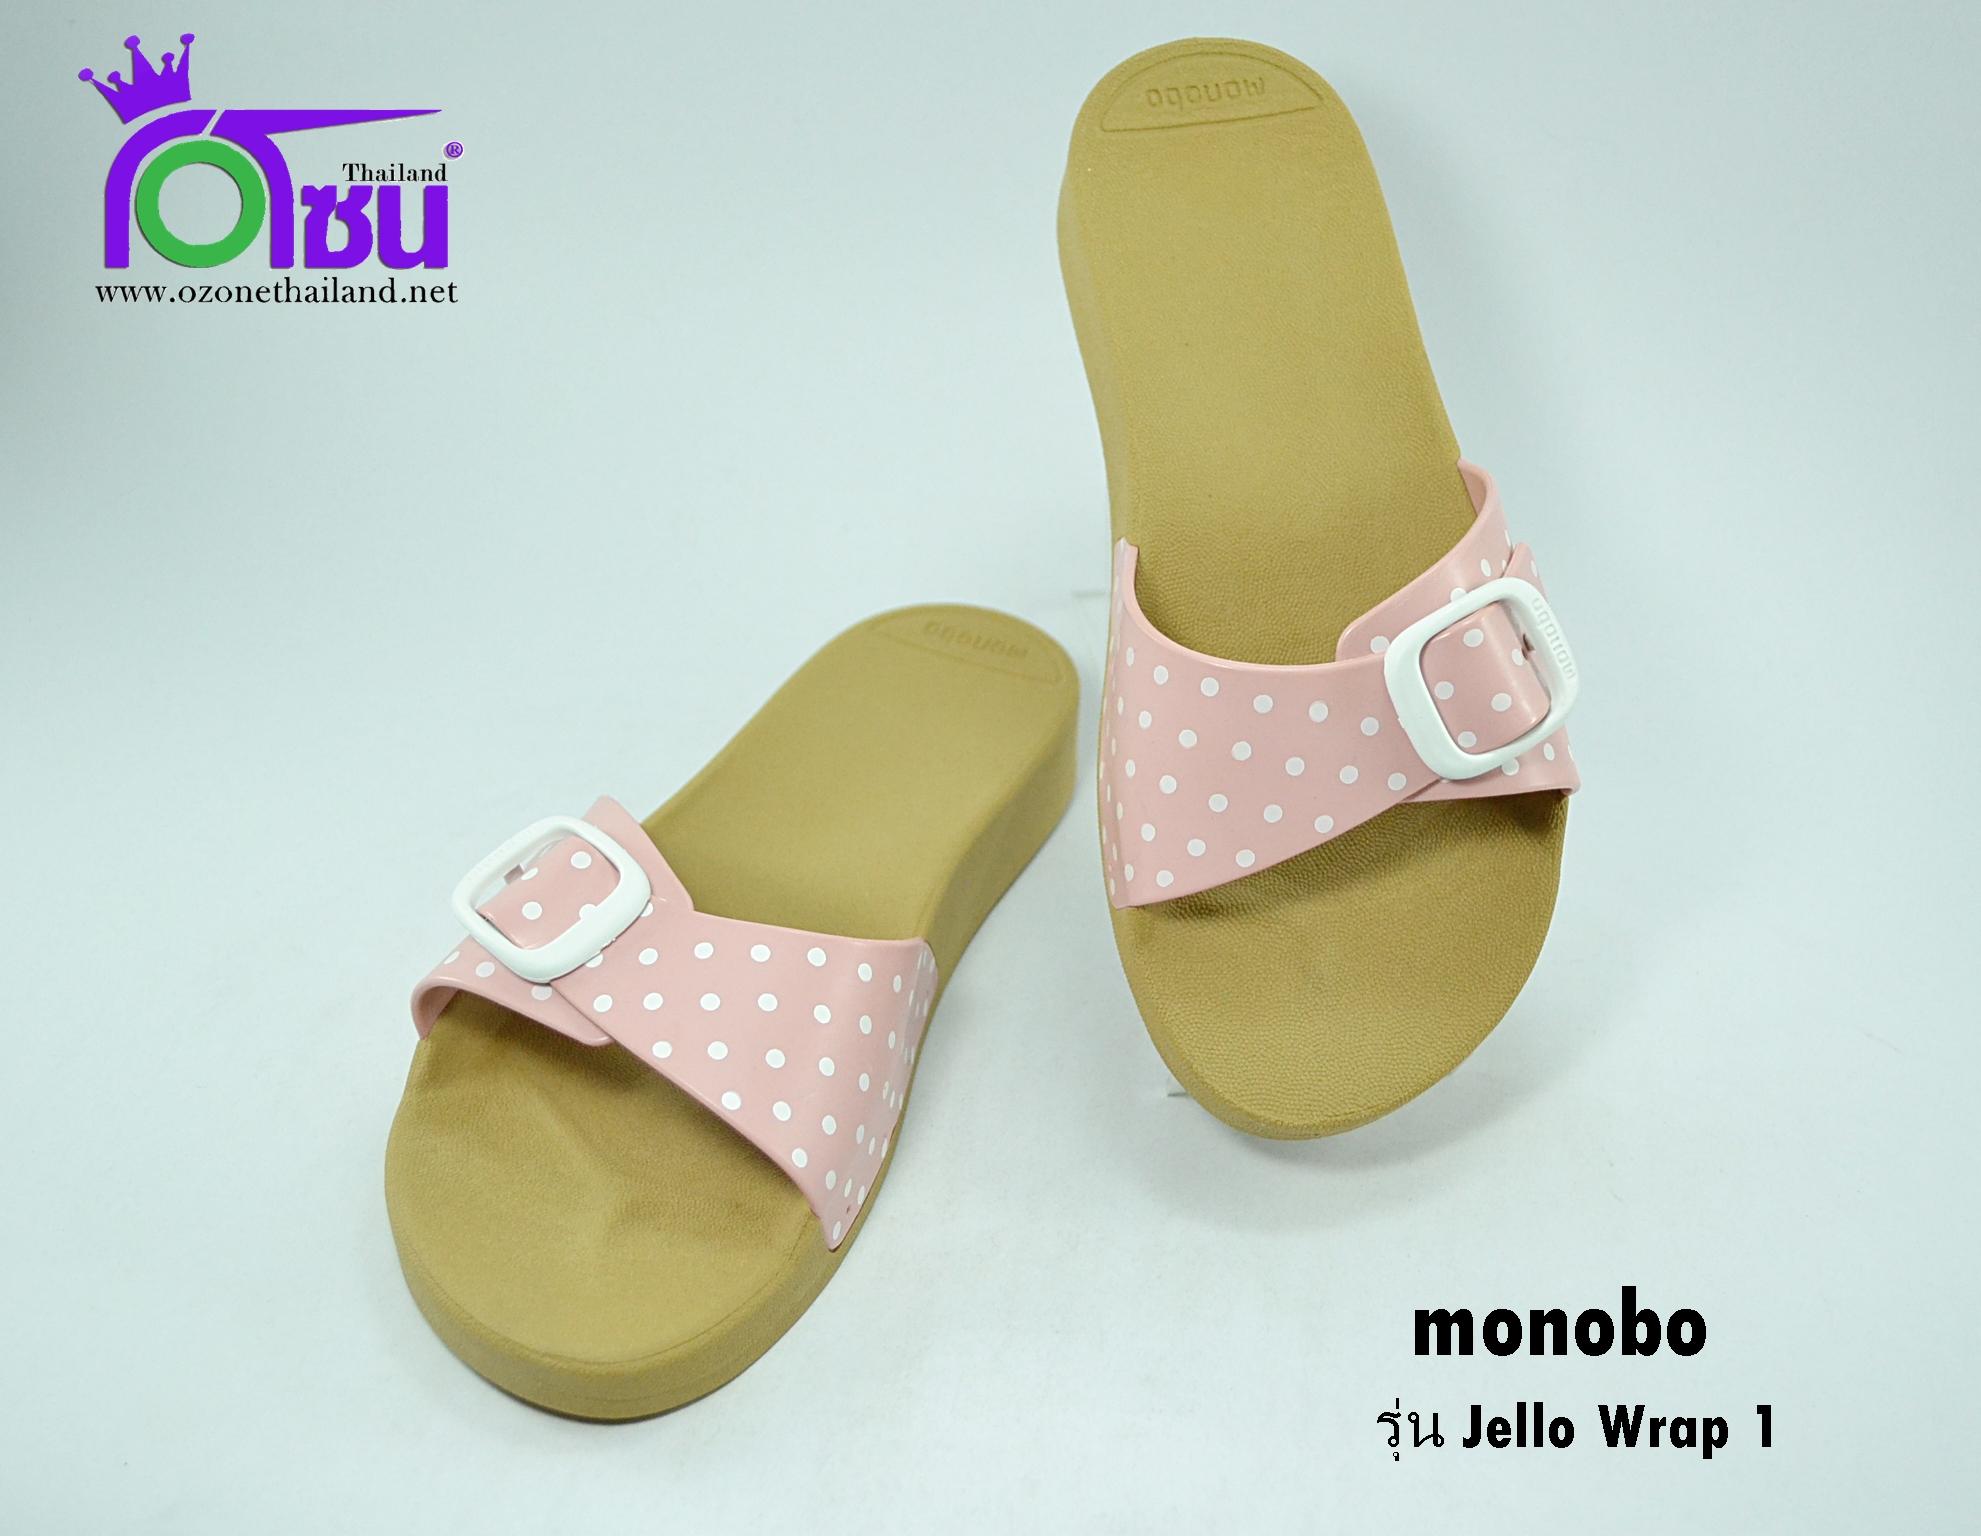 รองเท้าแตะ Monobo Jello โมโนโบ้ รุ่น Jello Wrapl 1 สวม สีเบส เบอร์ 5-8